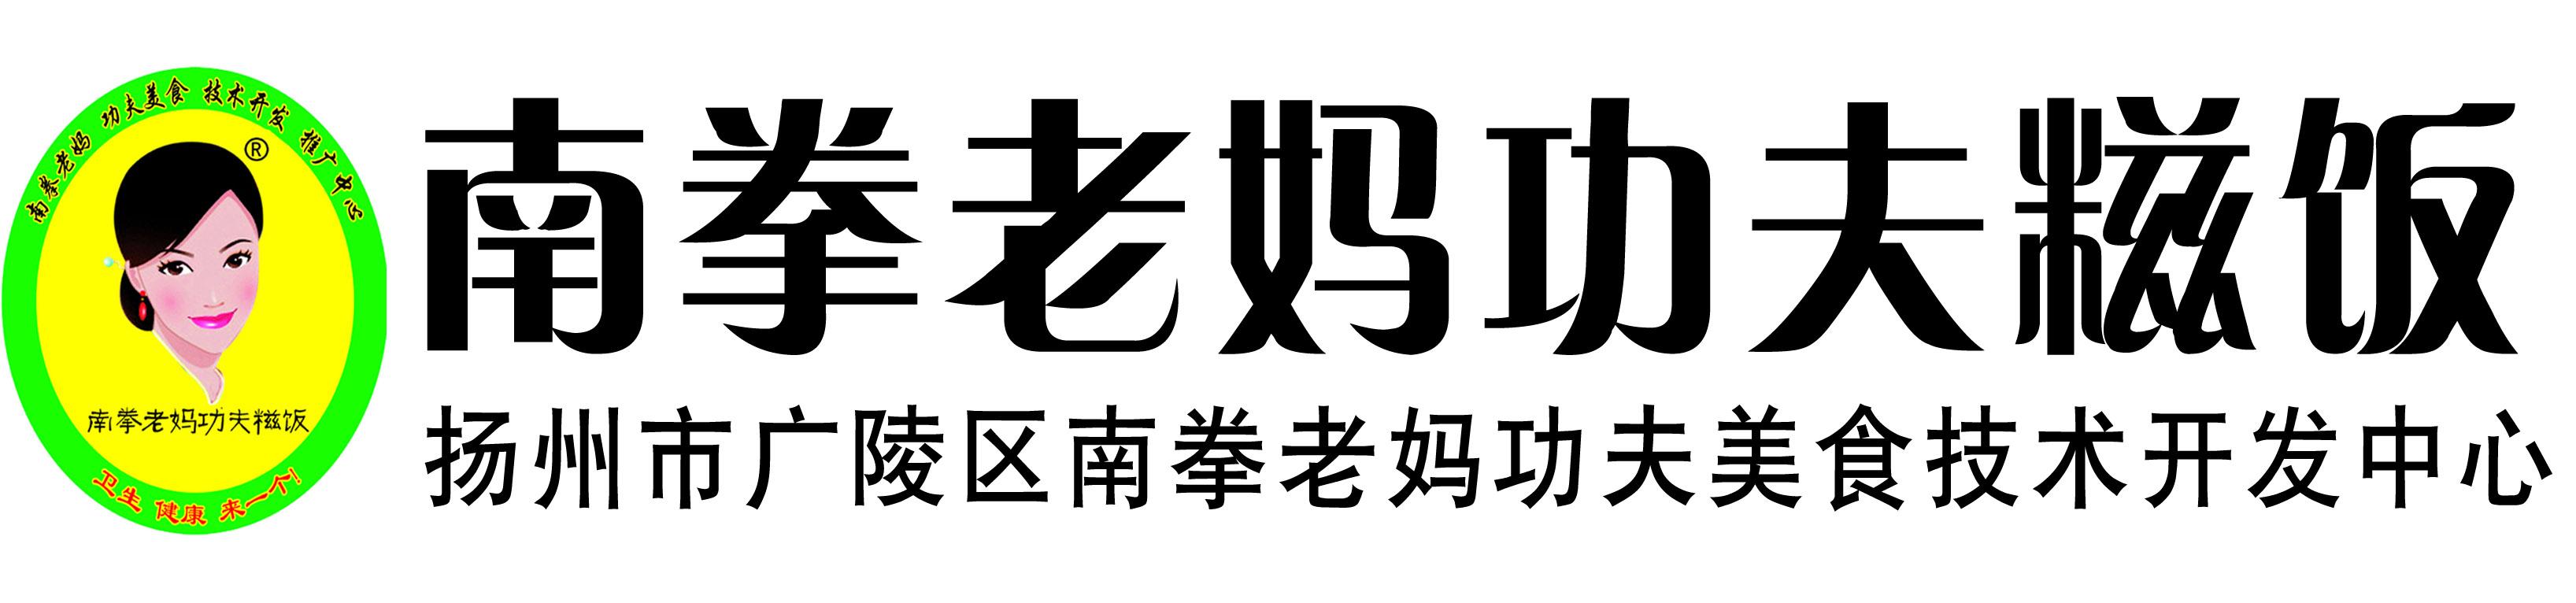 扬州市广陵区南拳老妈功夫美食技术开发中心